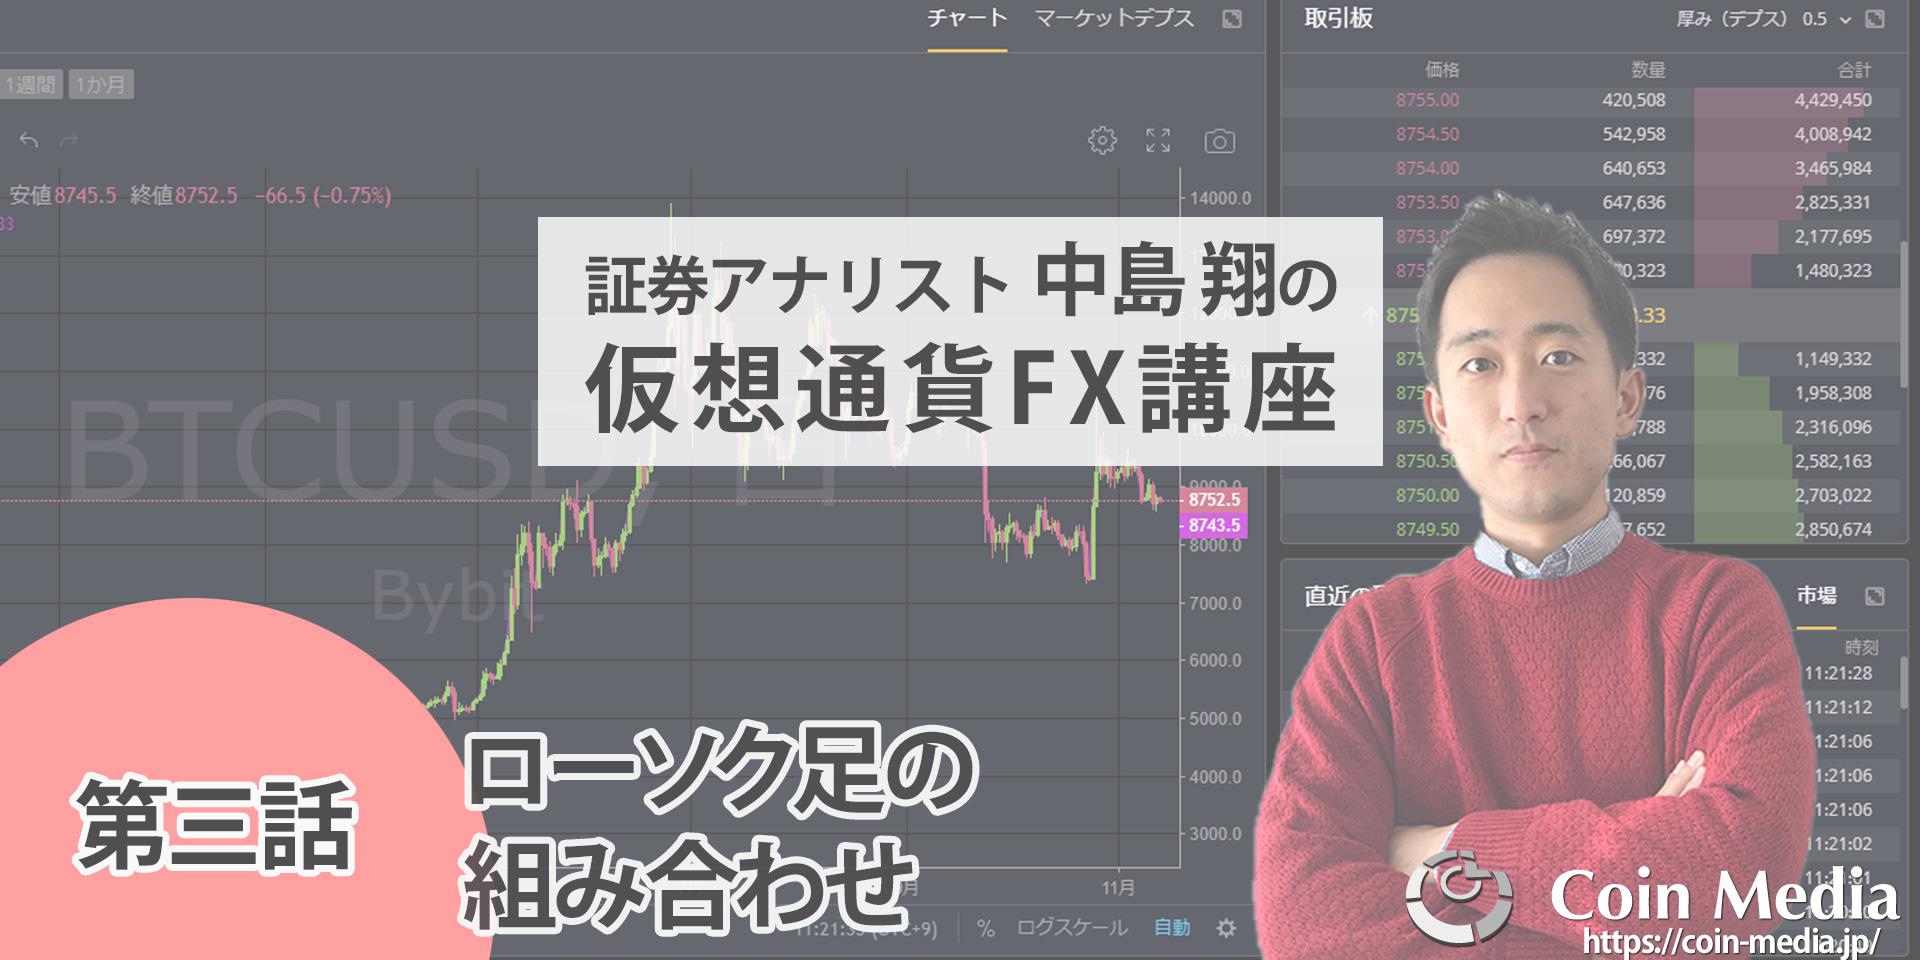 初心者のための仮想通貨FX講座ローソク足の組み合わせ